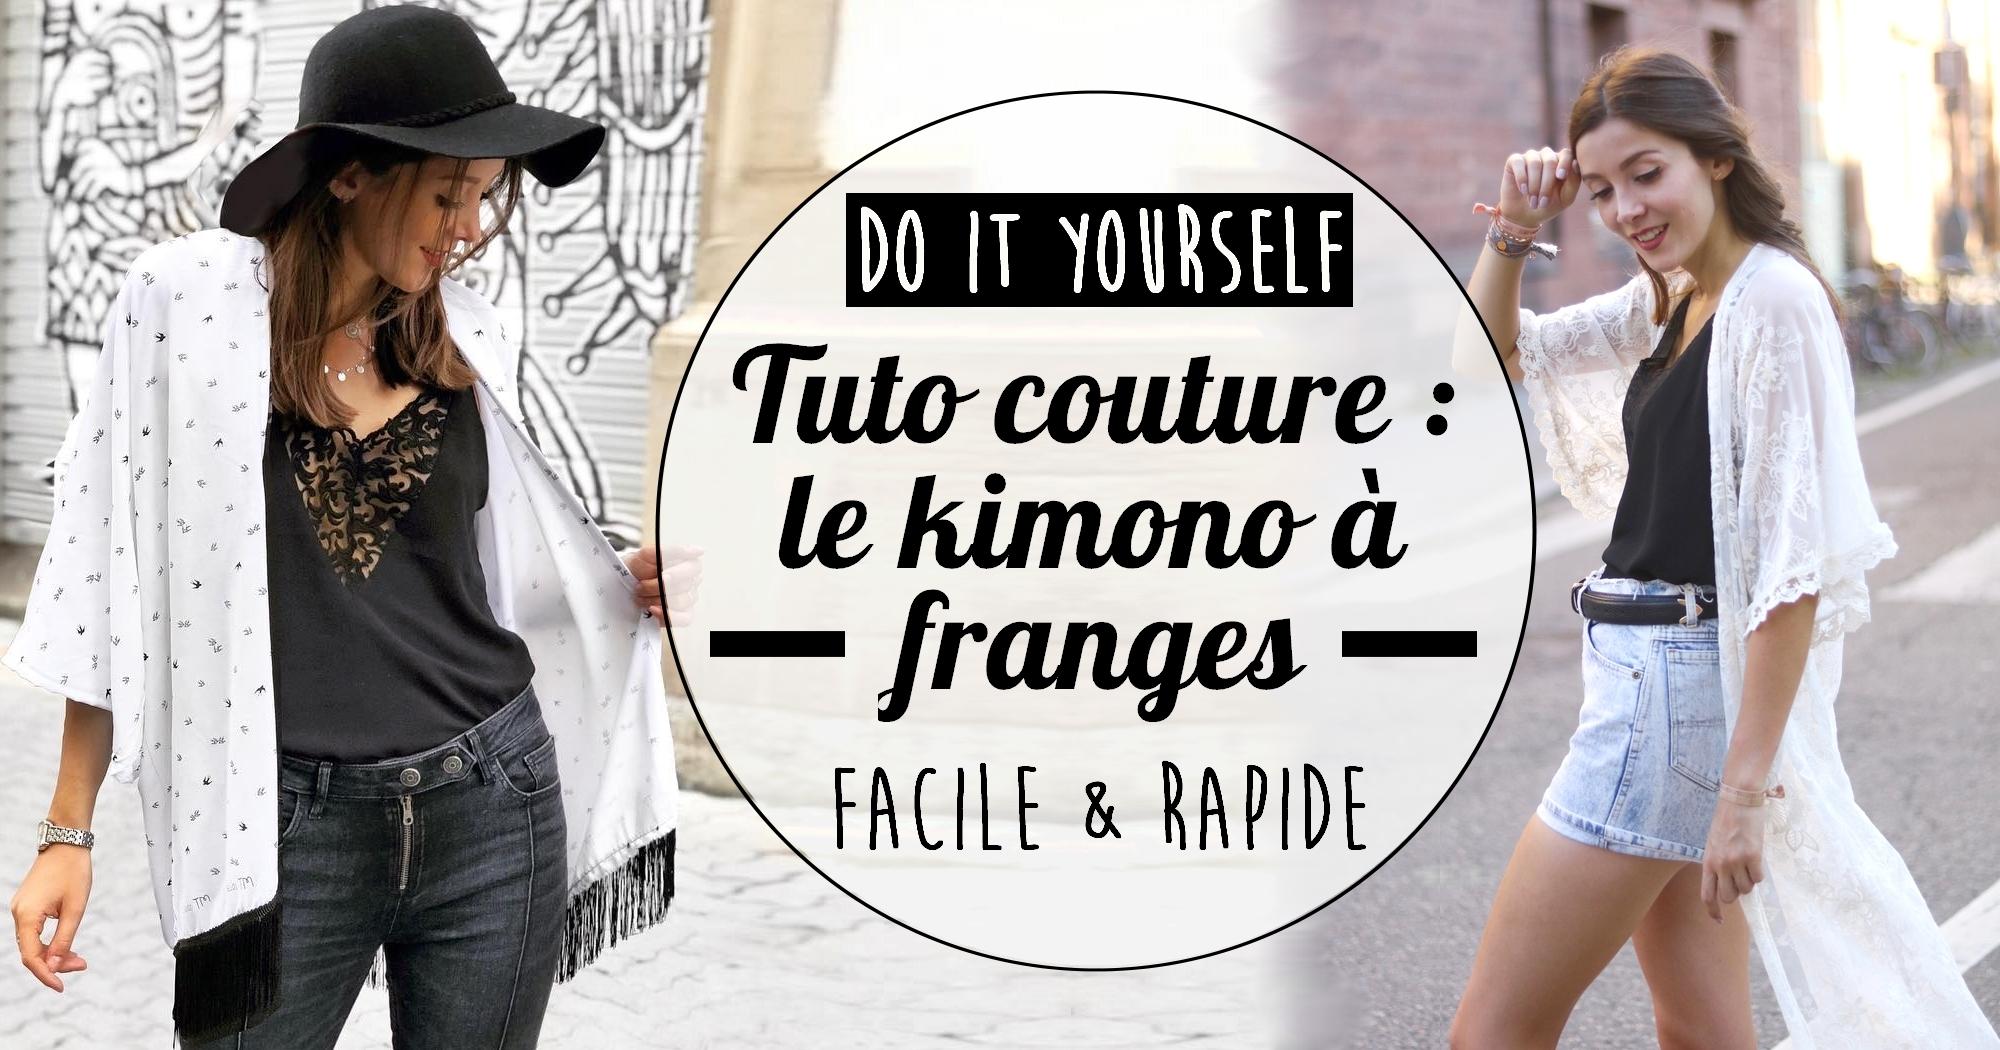 DIY couture : tuto facile et rapide pour coudre son kimono à franges